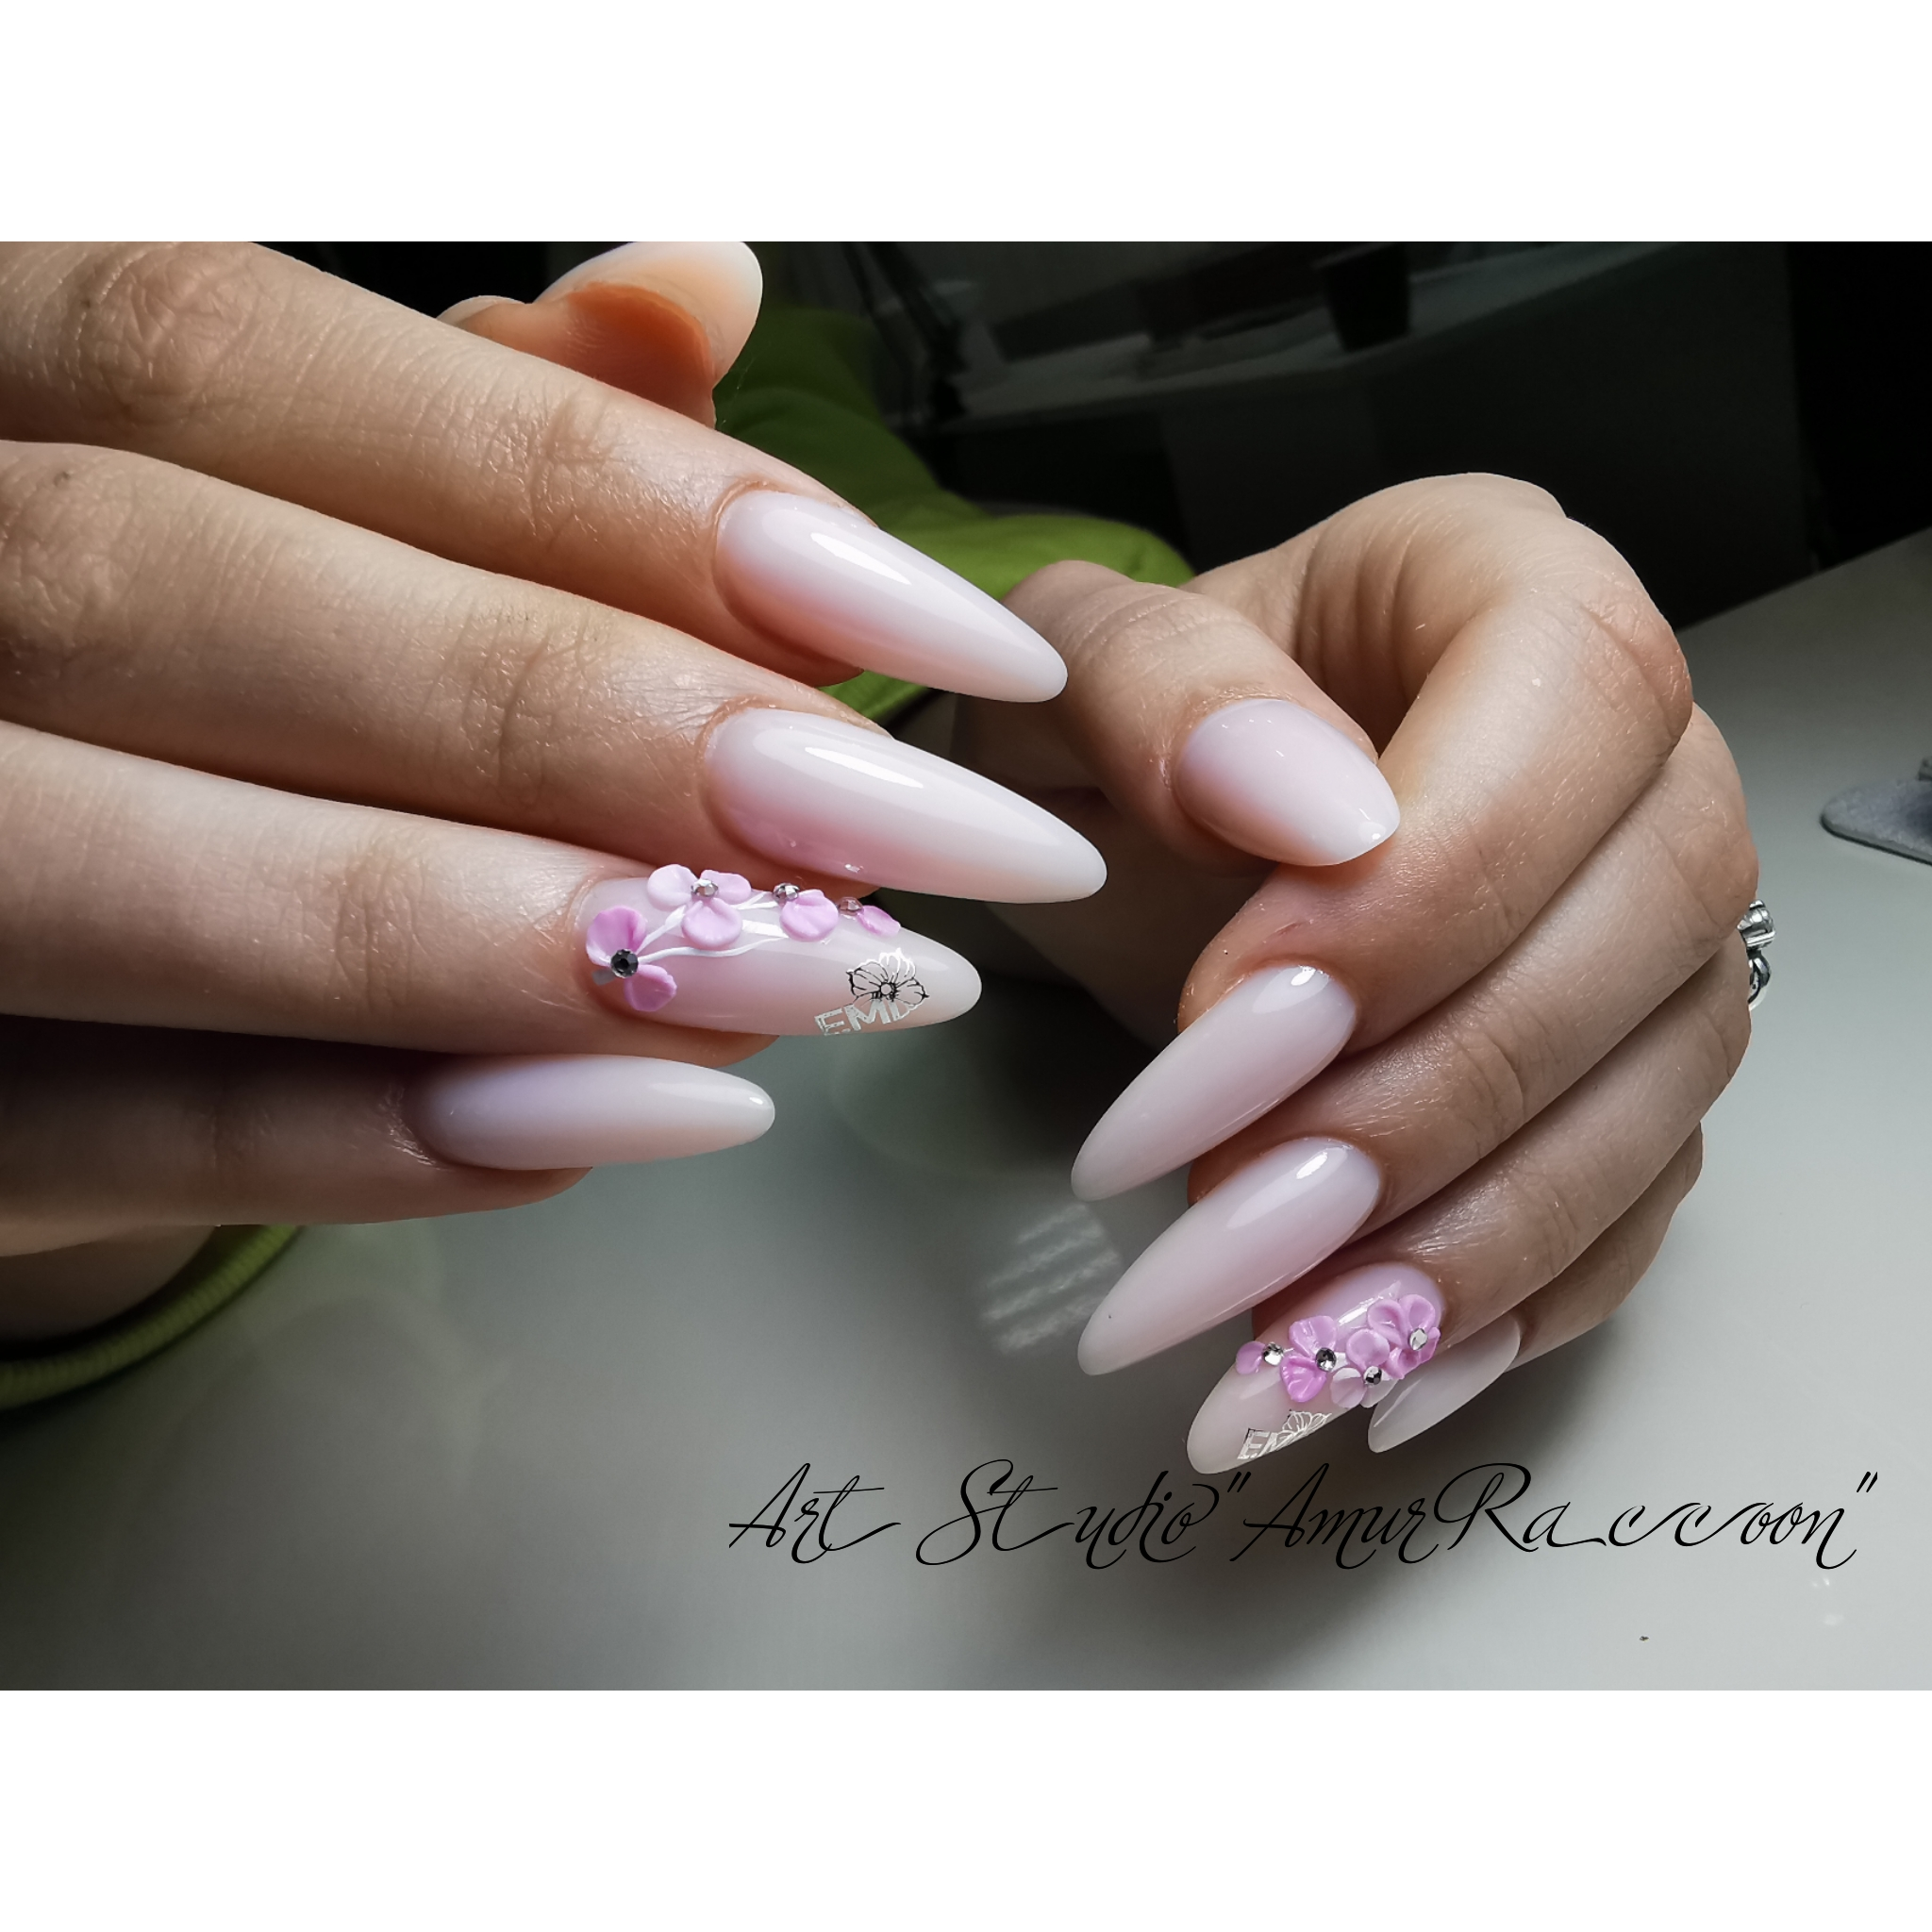 Маникюр с цветочной лепкой в розовом цвете.